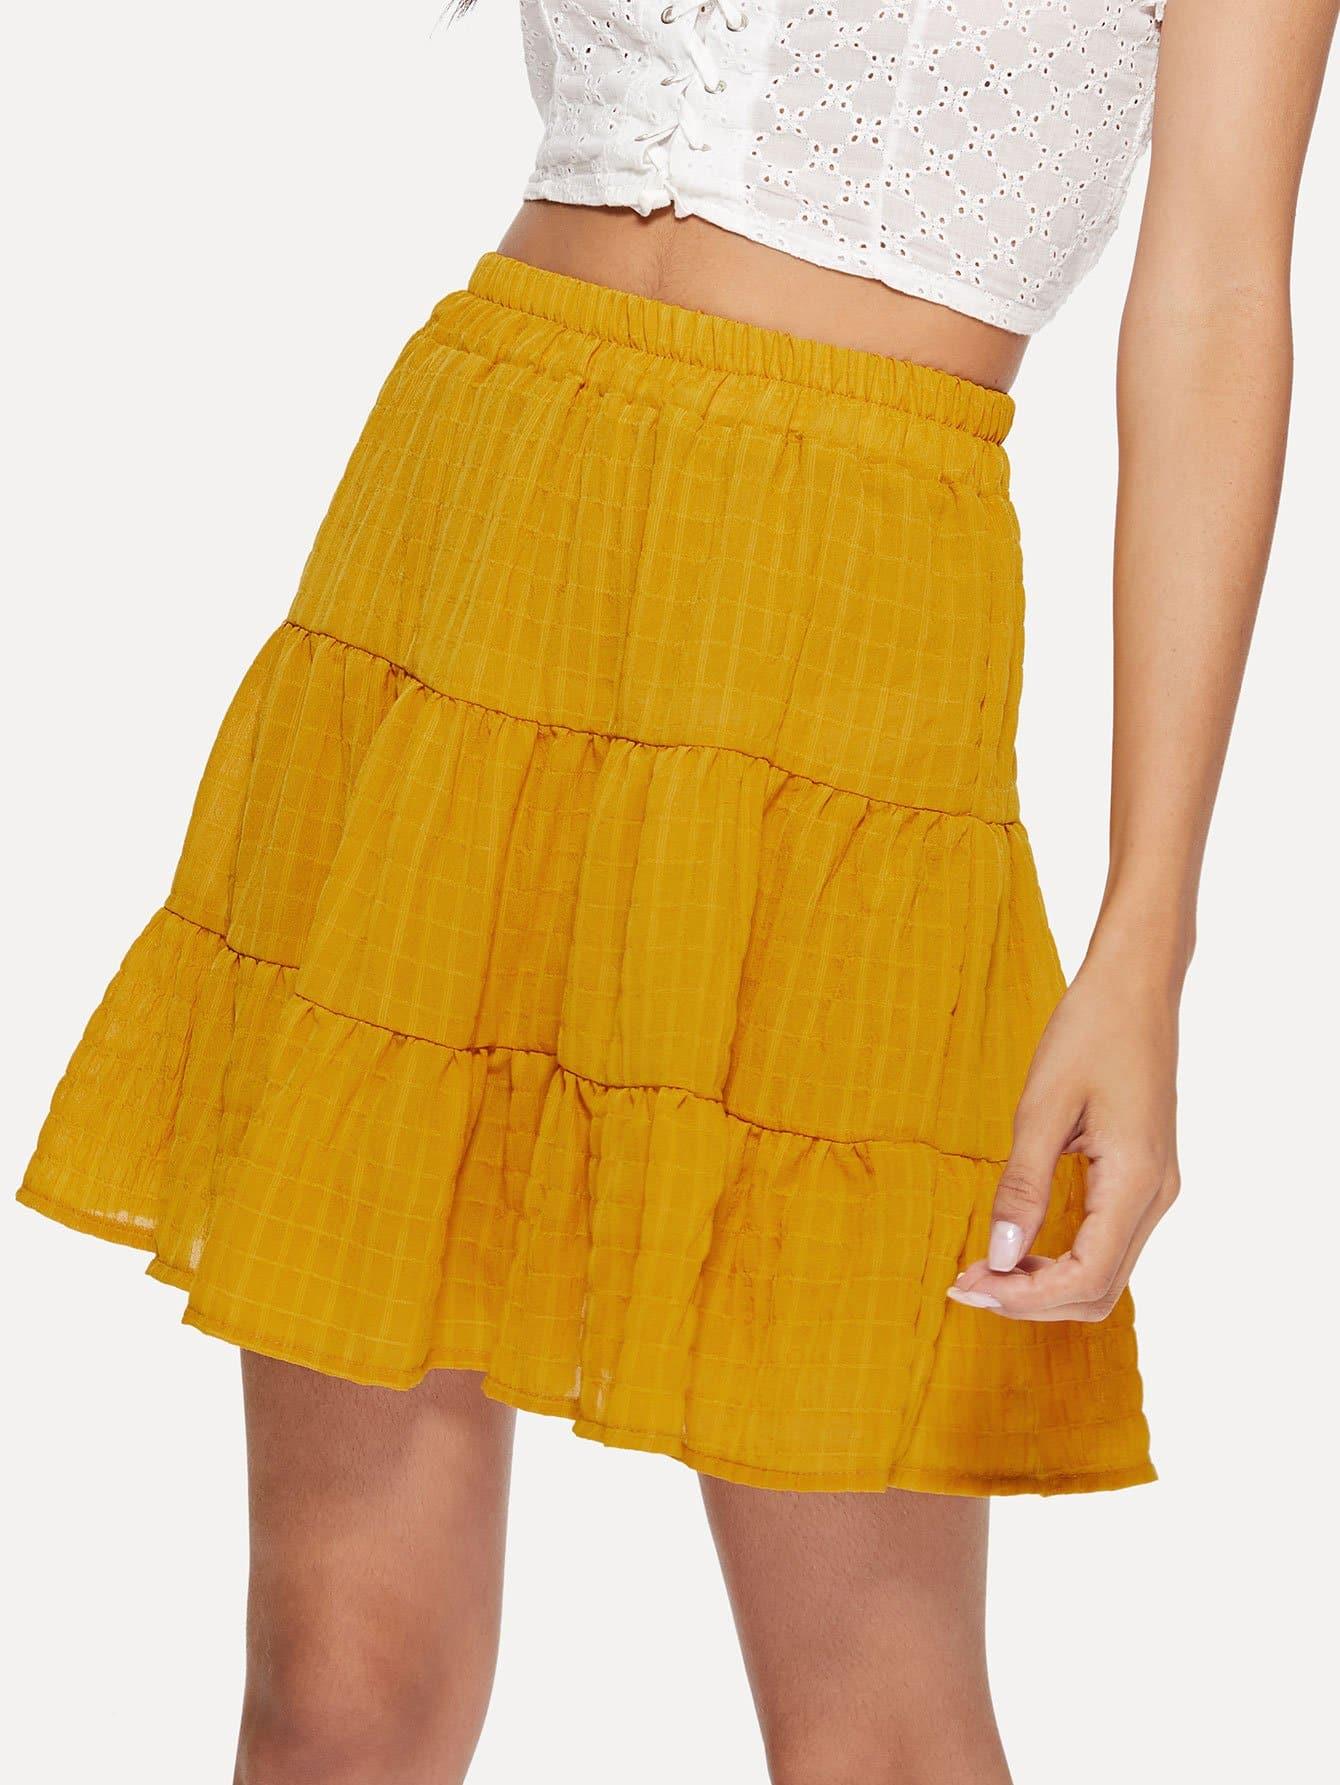 Купить Эластичная юбка-обруч для талии, Kary, SheIn